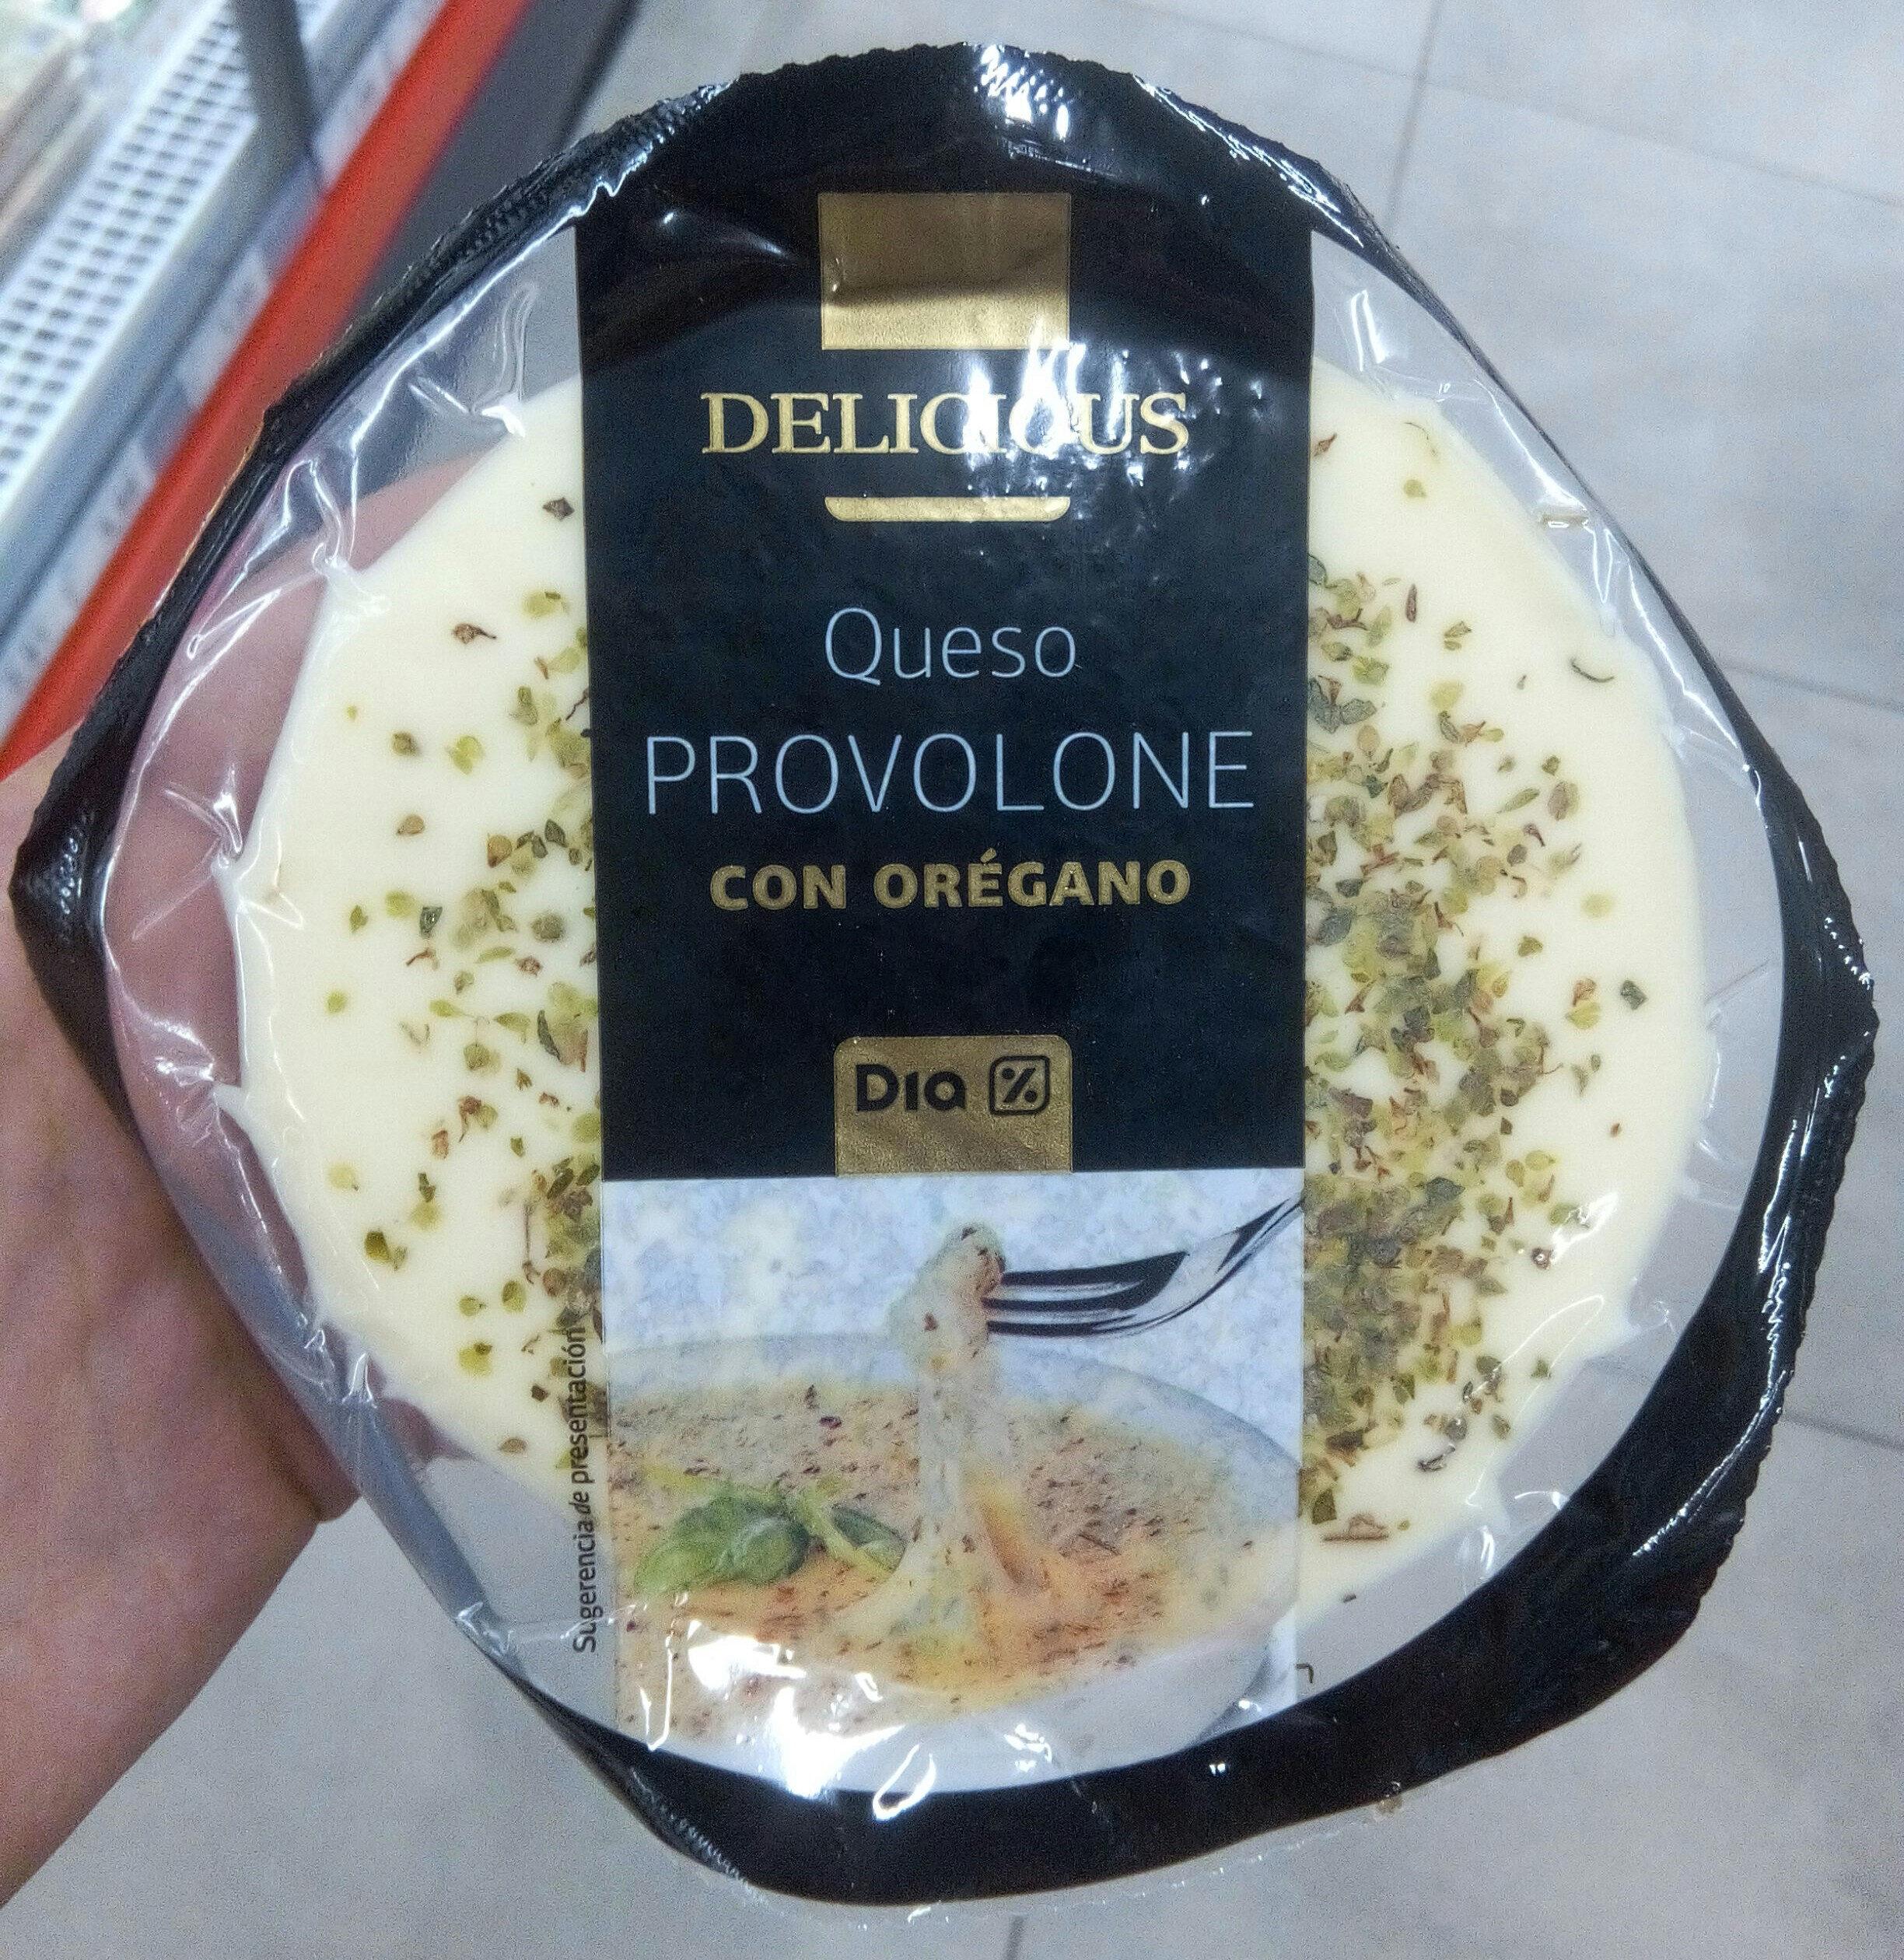 Queso provolone con oregano - Producte - es